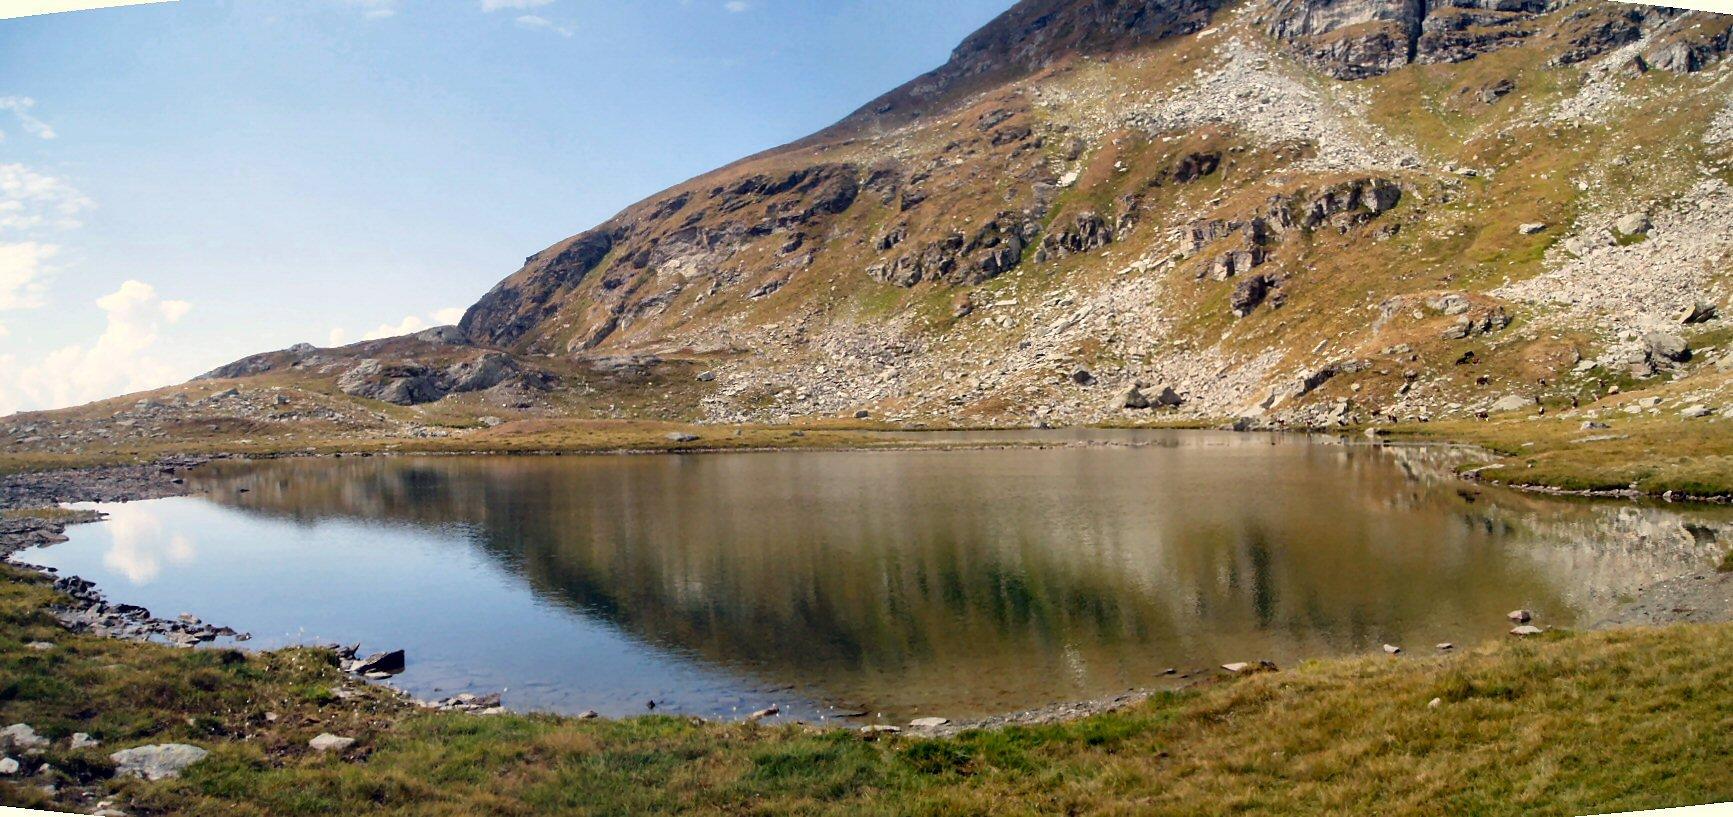 Uno dei laghi.